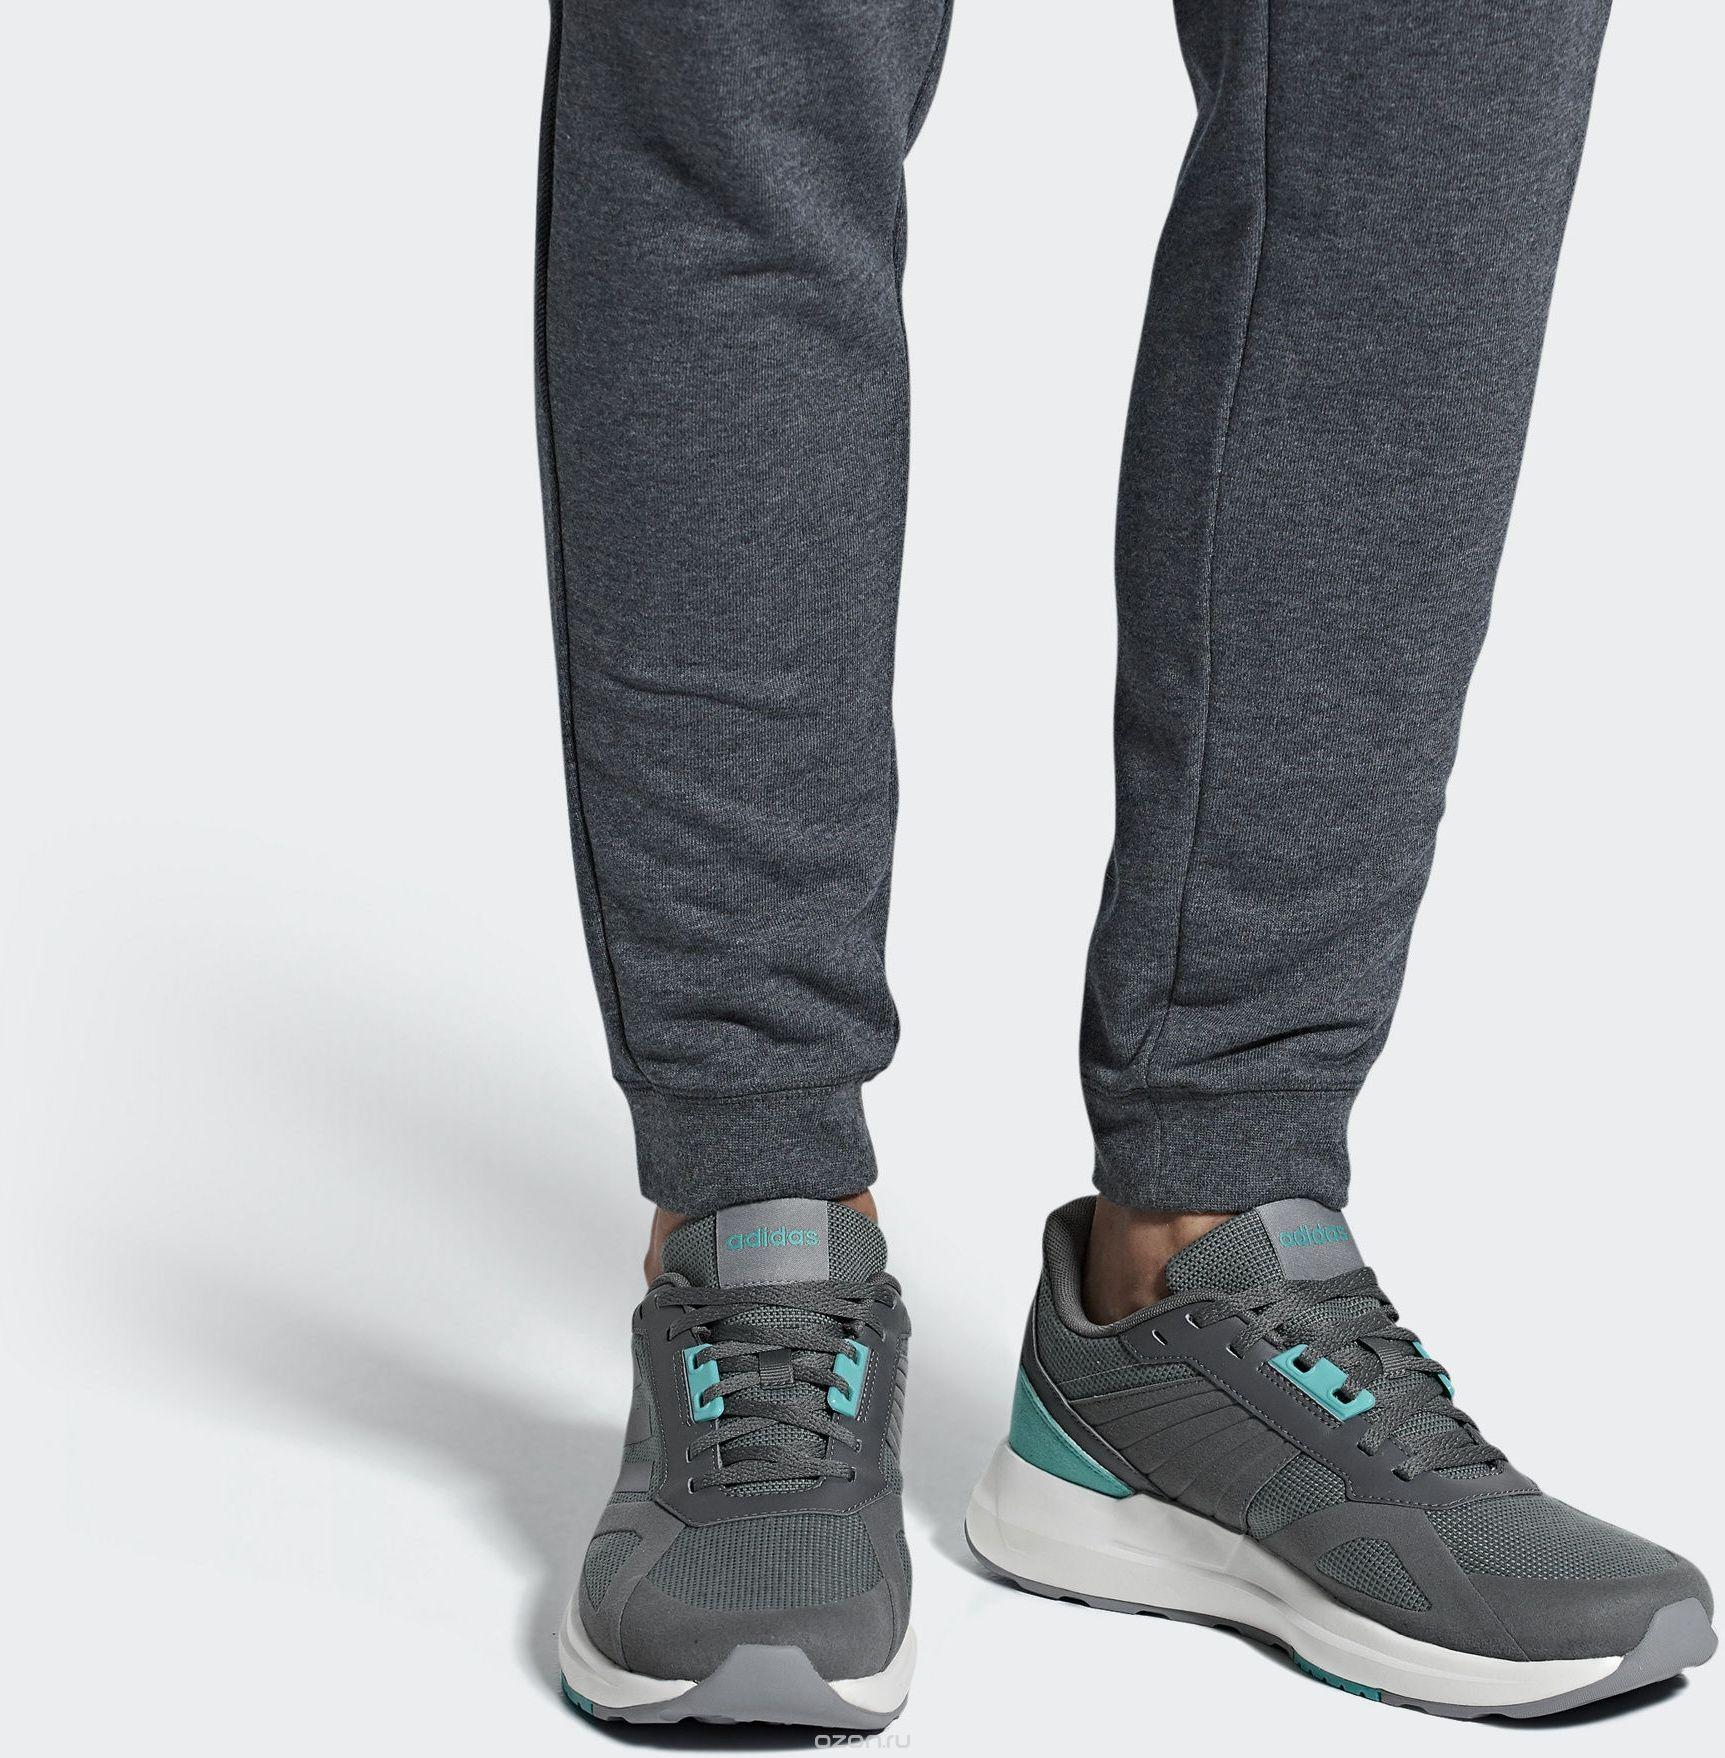 huge selection of 278ed 83379 Купить кроссовки Adidas, цвет  серый. Кроссовки мужские Run80S. BB7829 -  цена в